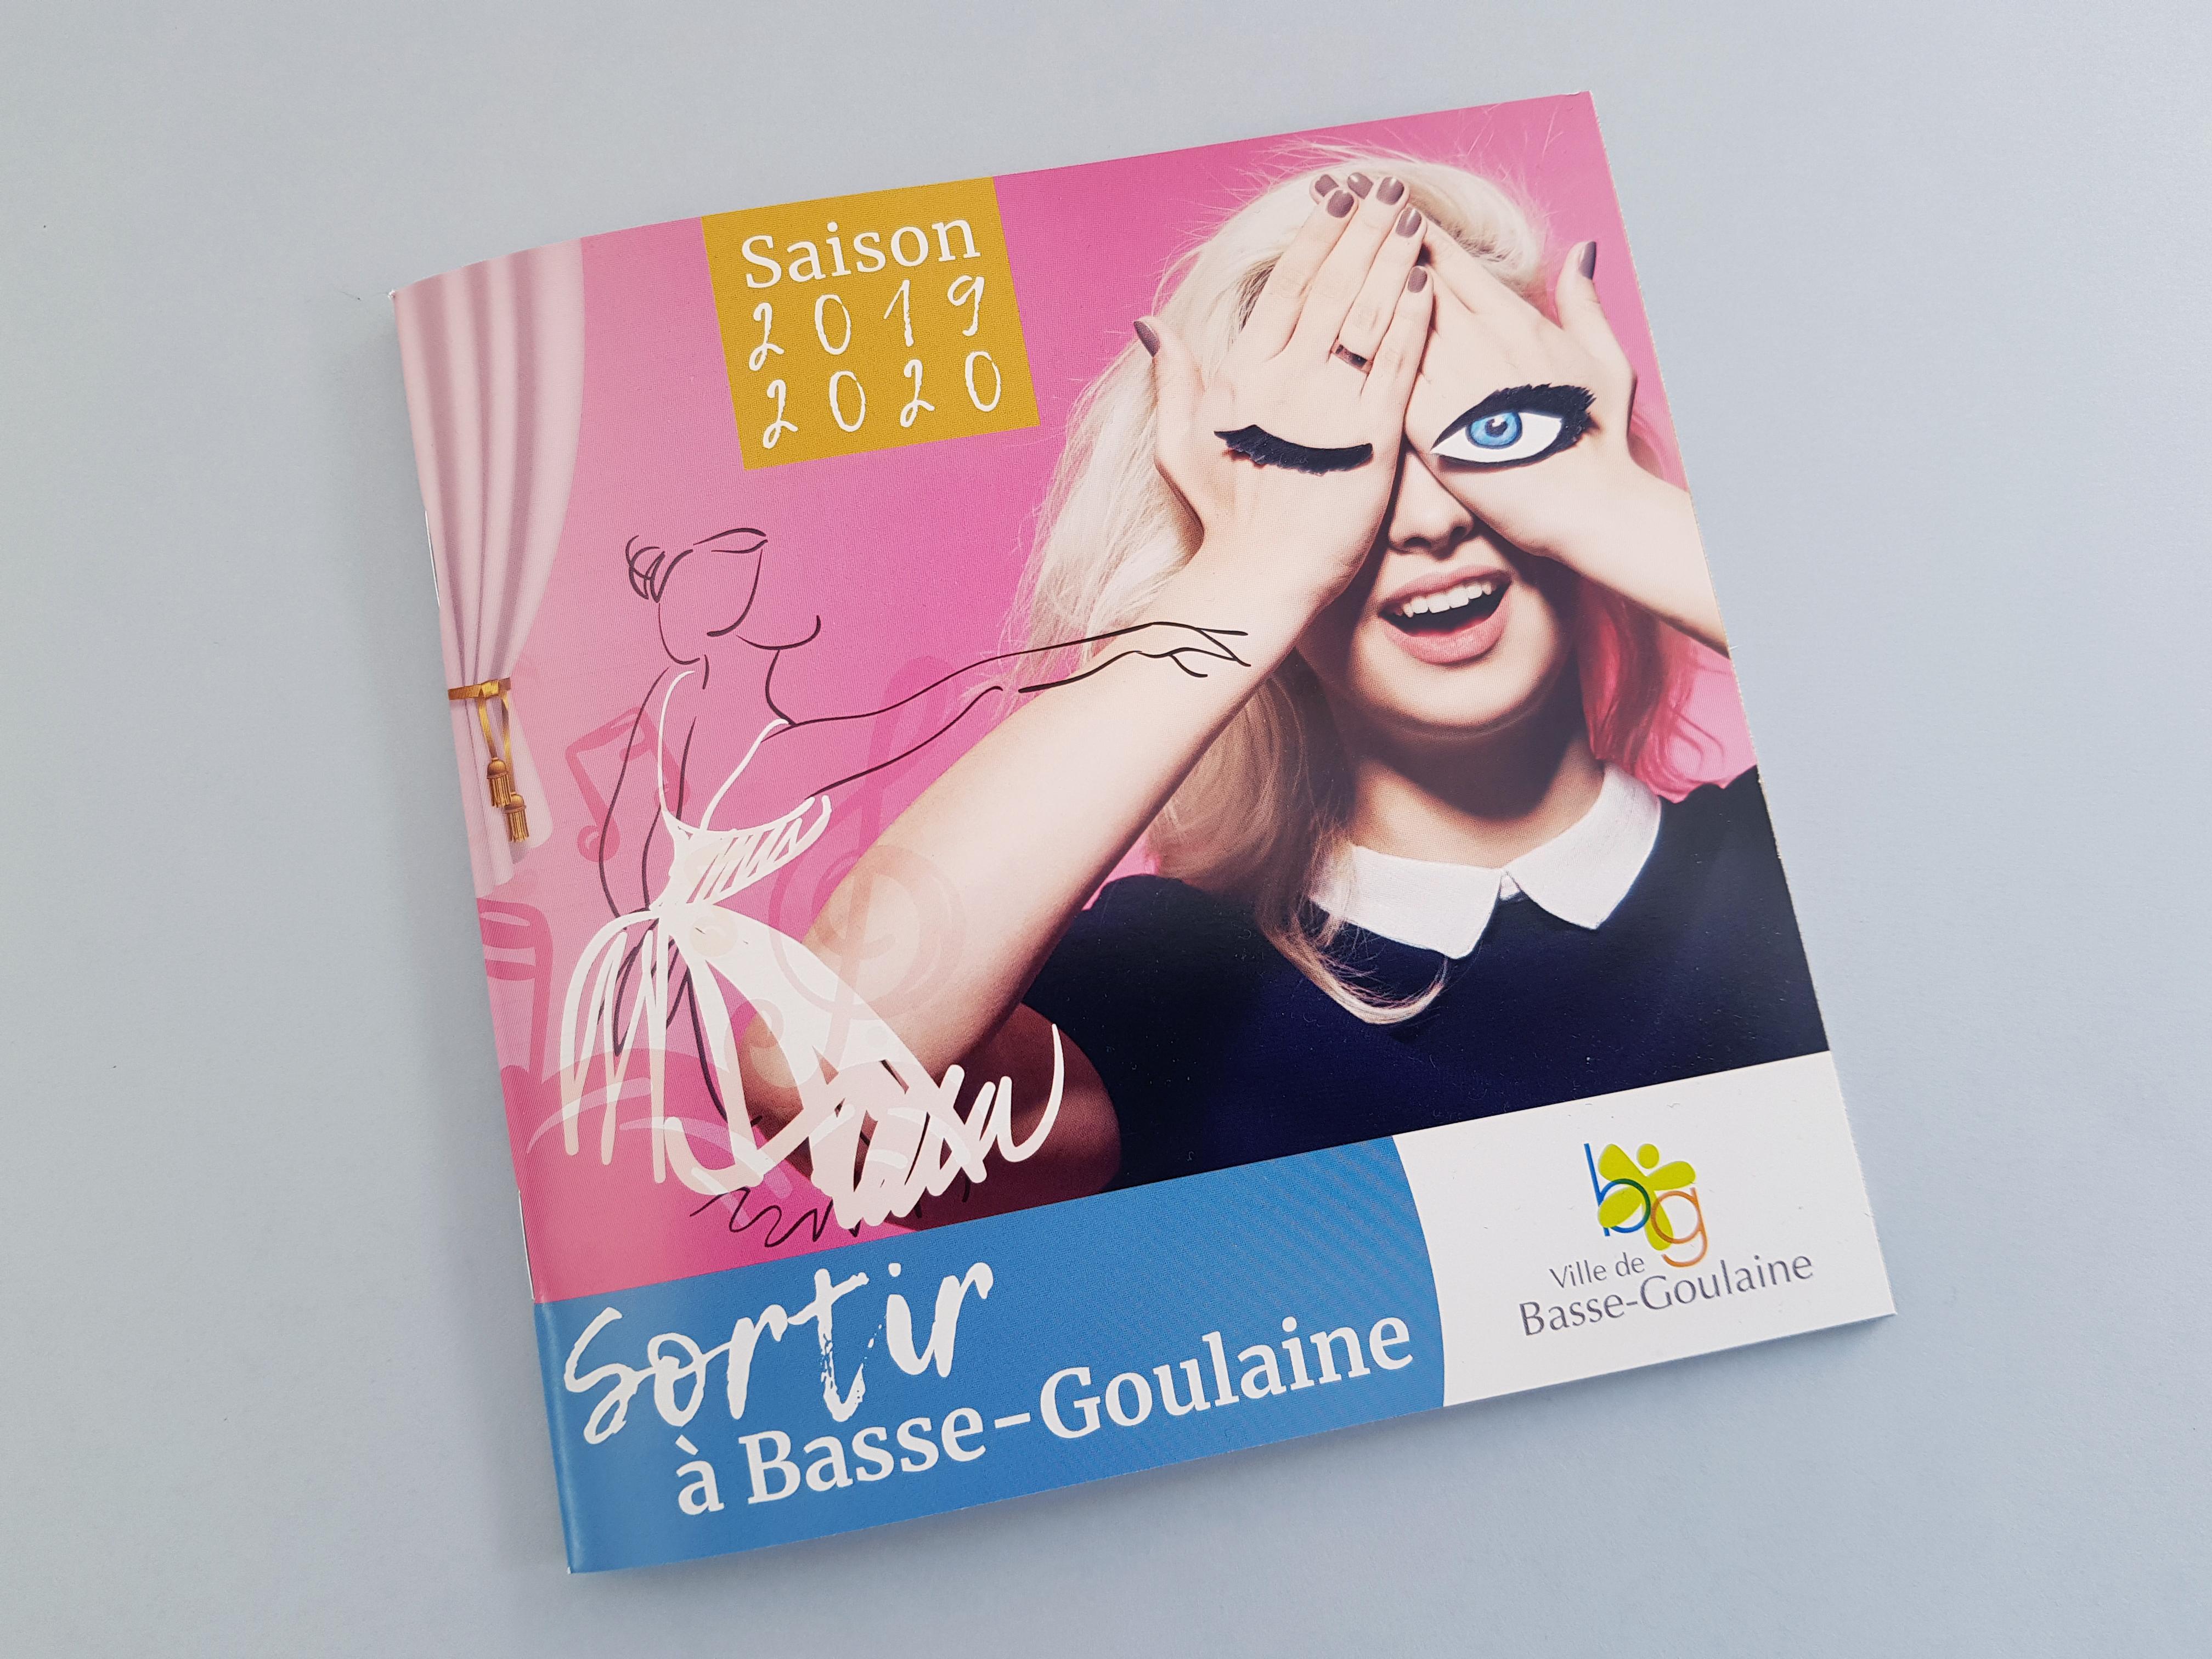 Plaquette Basse-Goulaine 2019-2020